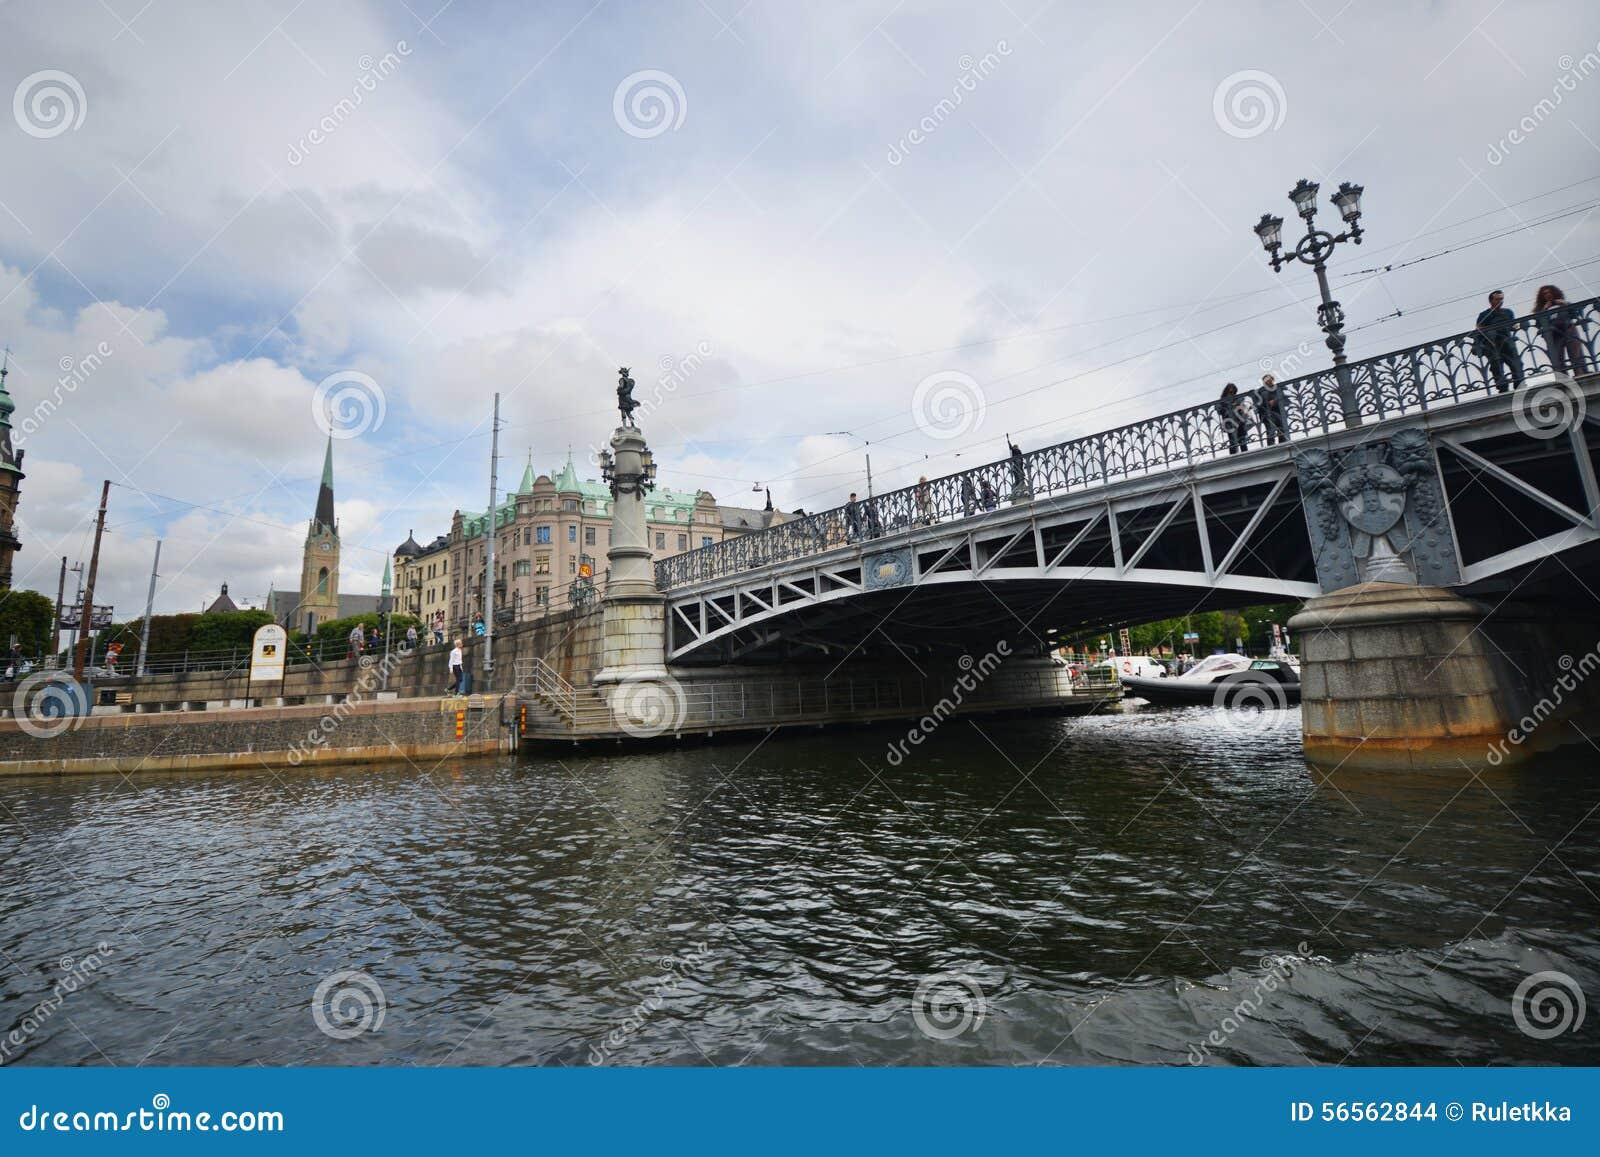 Download άποψη της πόλης της Στοκχόλμης, Σουηδία Εκδοτική Στοκ Εικόνα - εικόνα από κεφάλαιο, προγεφυρωμάτων: 56562844